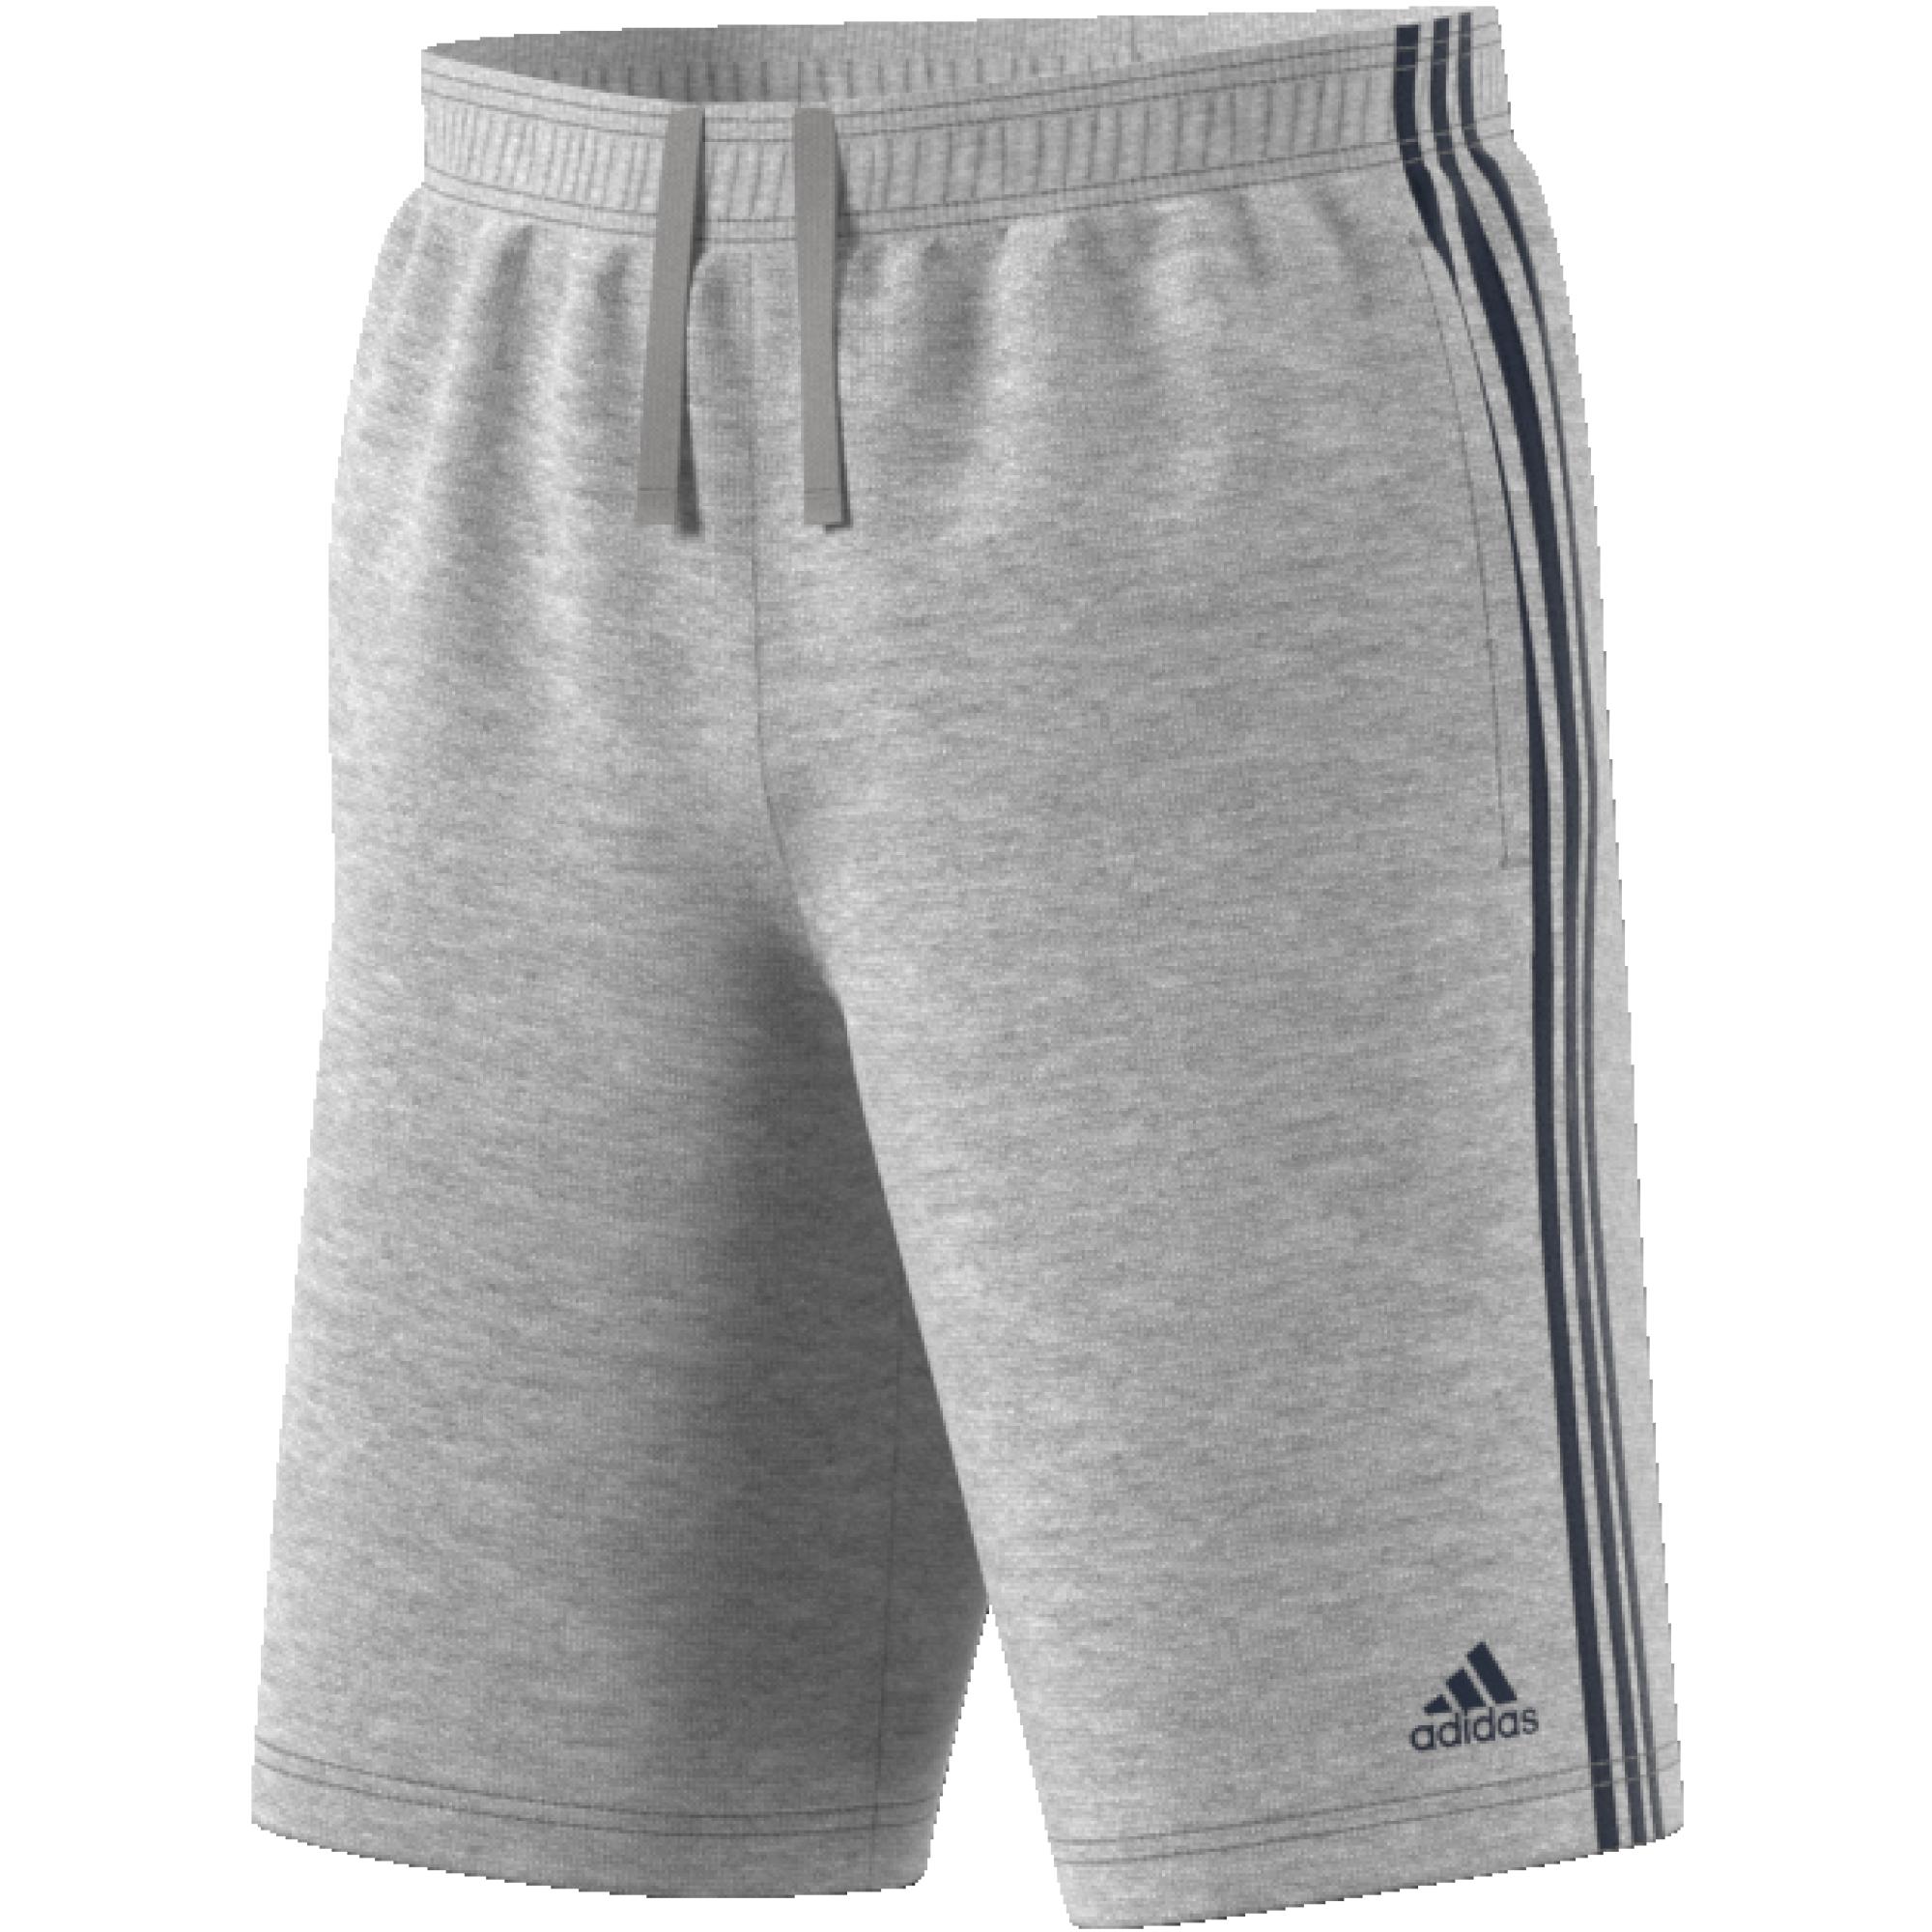 75b845a7a0 Adidas short , Férfi ruházat | rövidnadrág , adidas_performance , Adidas  short